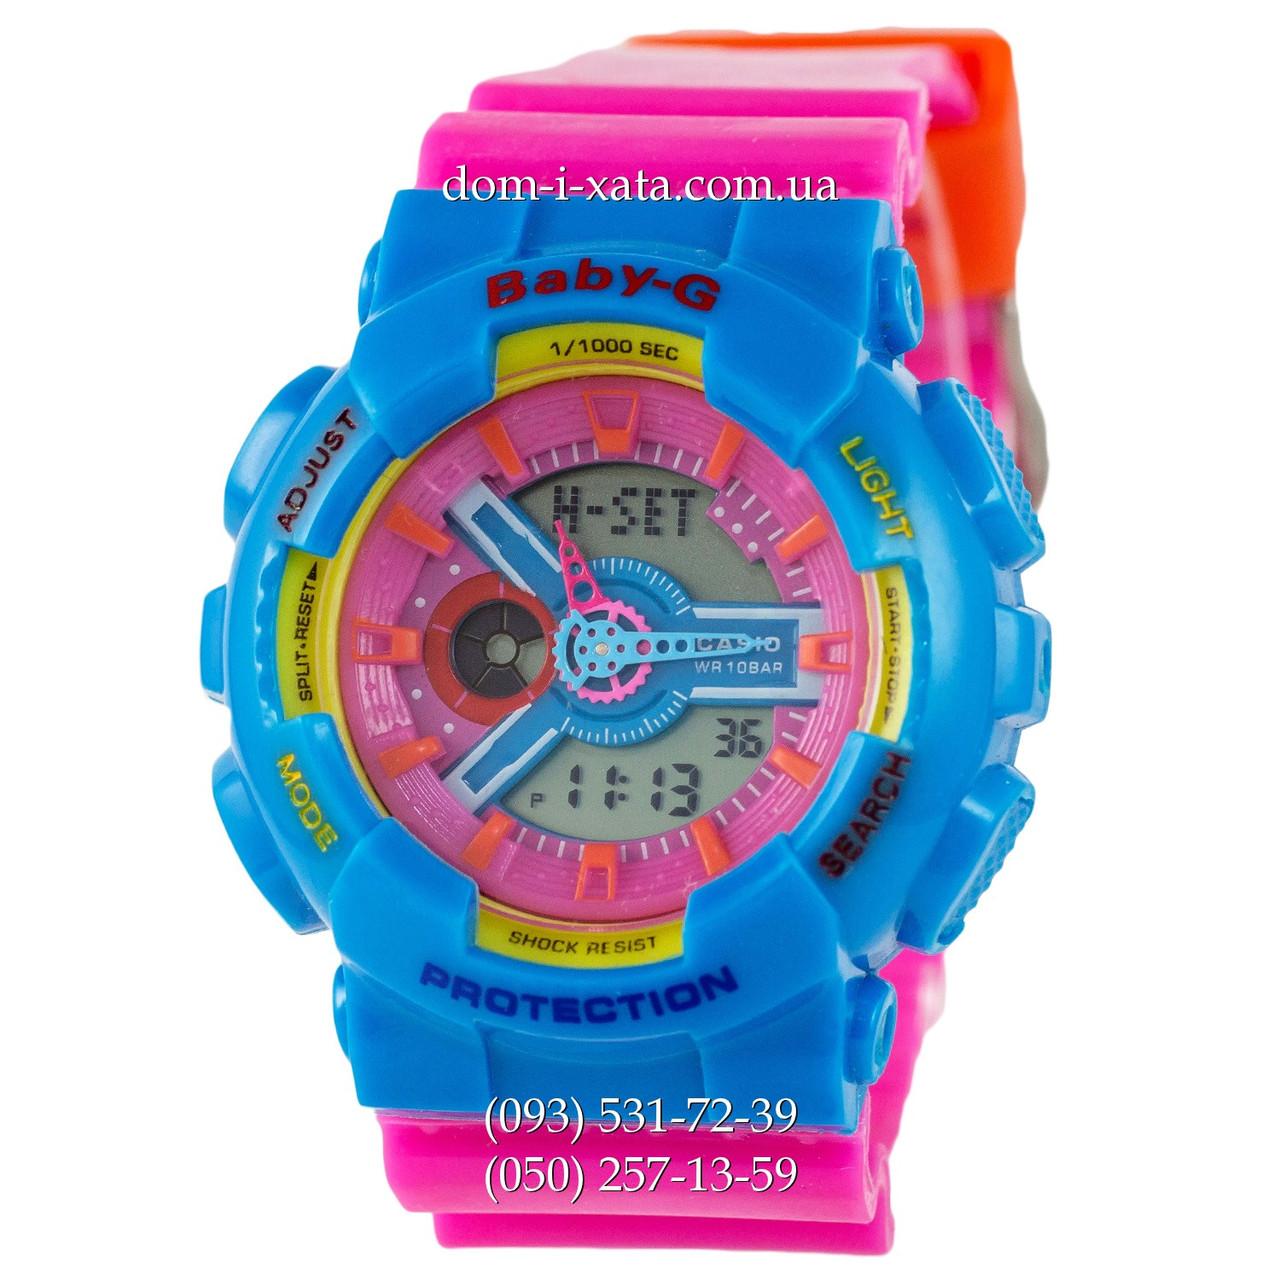 Электронные женские часы Casio Baby-G GA-110 Turquoise-Rose, спортивные часы Бейби Джи, реплика, отличное качество!